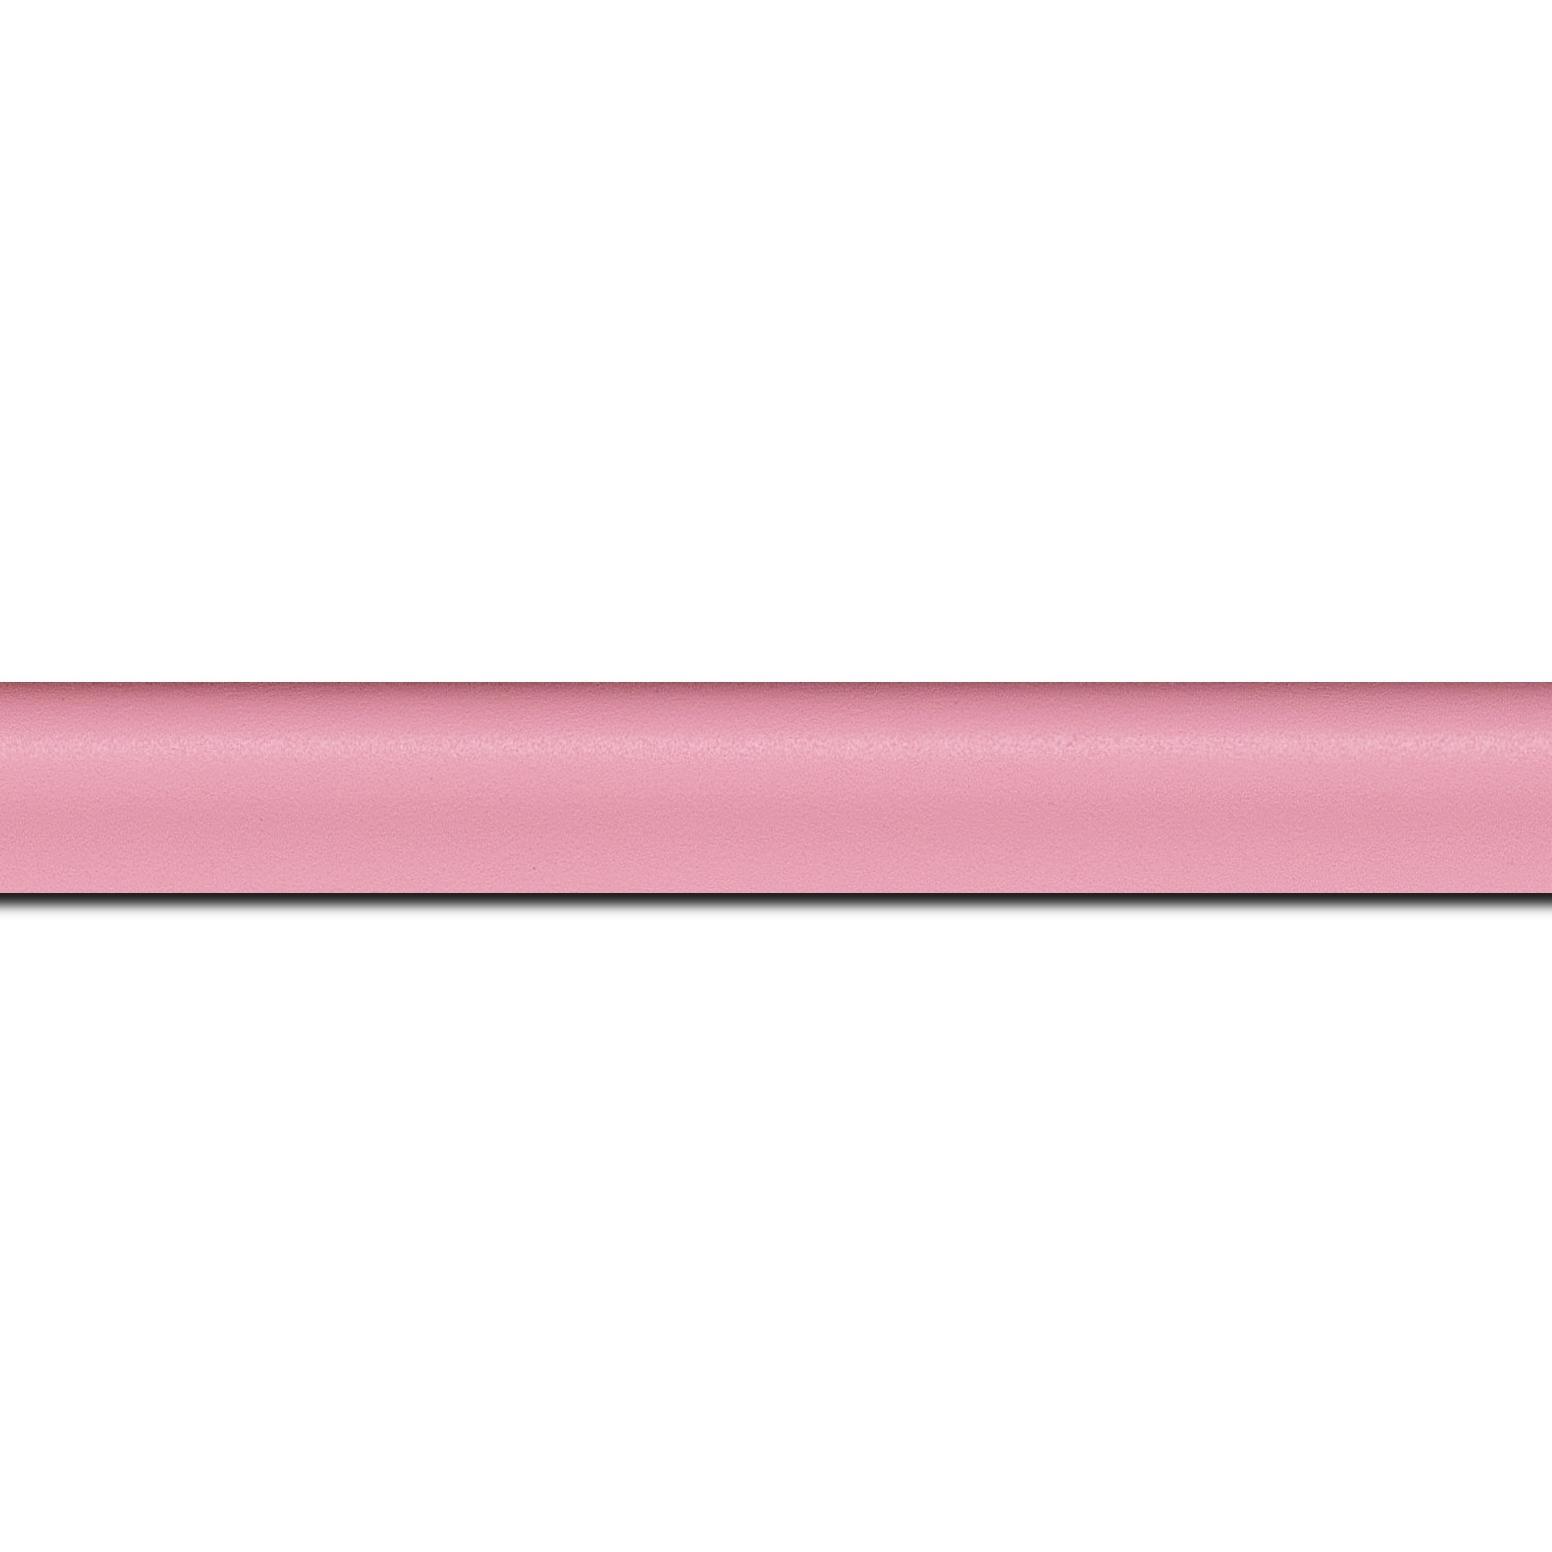 Baguette longueur 1.40m bois profil incurvé largeur 2.1cm couleur rose tendre satiné